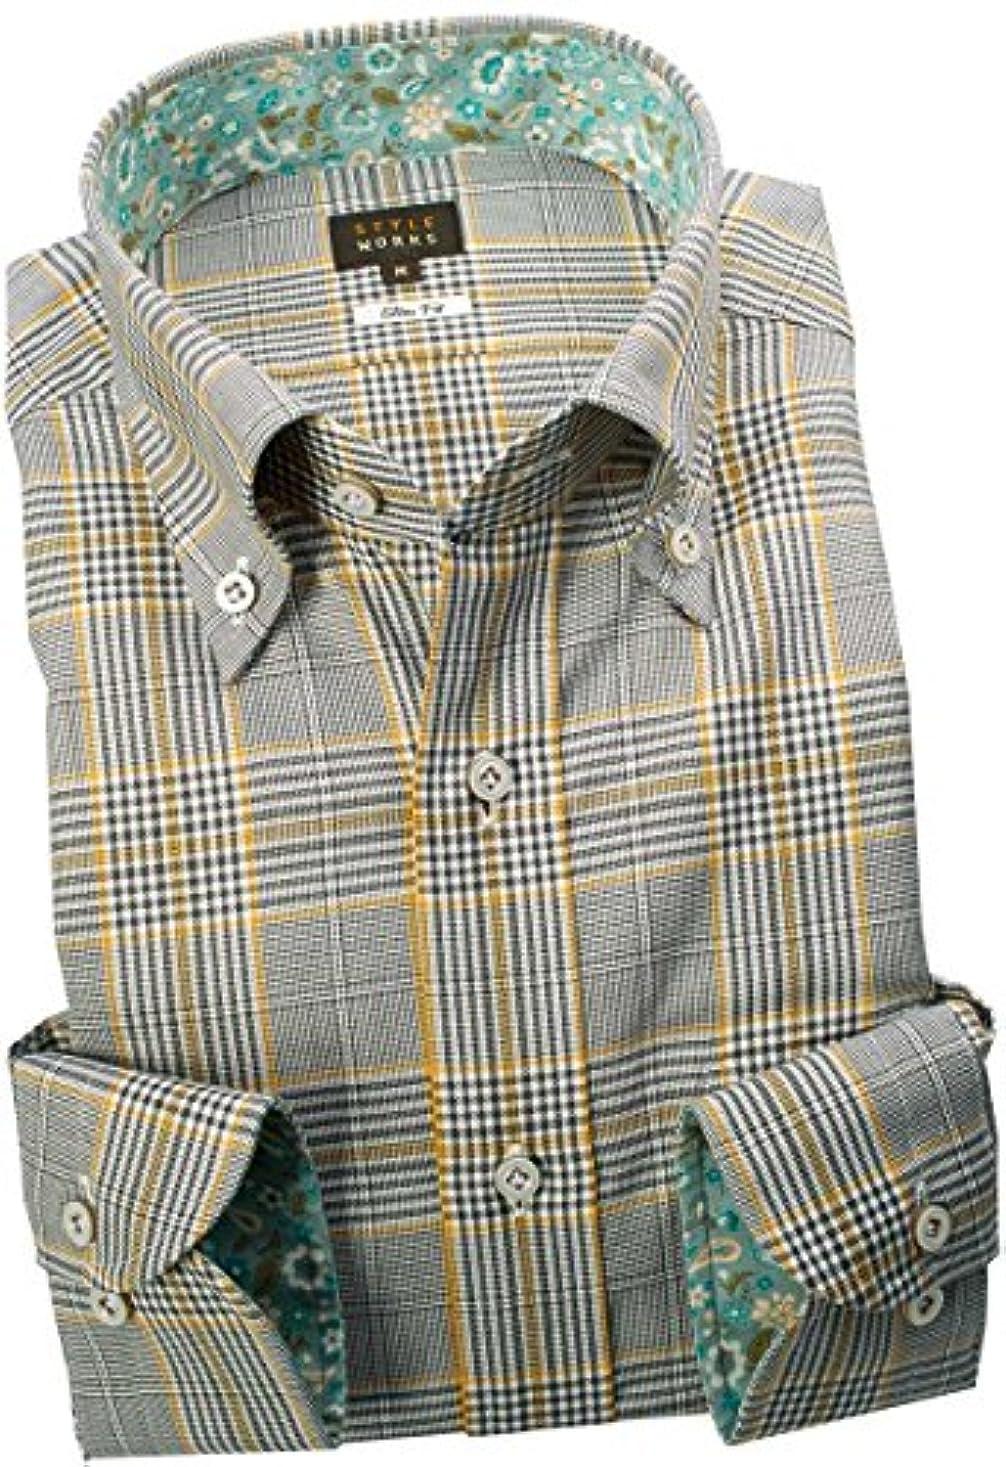 ゴミ切り離すどう?RSD146-005-0103-S (スタイルワークス) メンズ長袖ワイシャツ 茶色 チェック | 茶/S